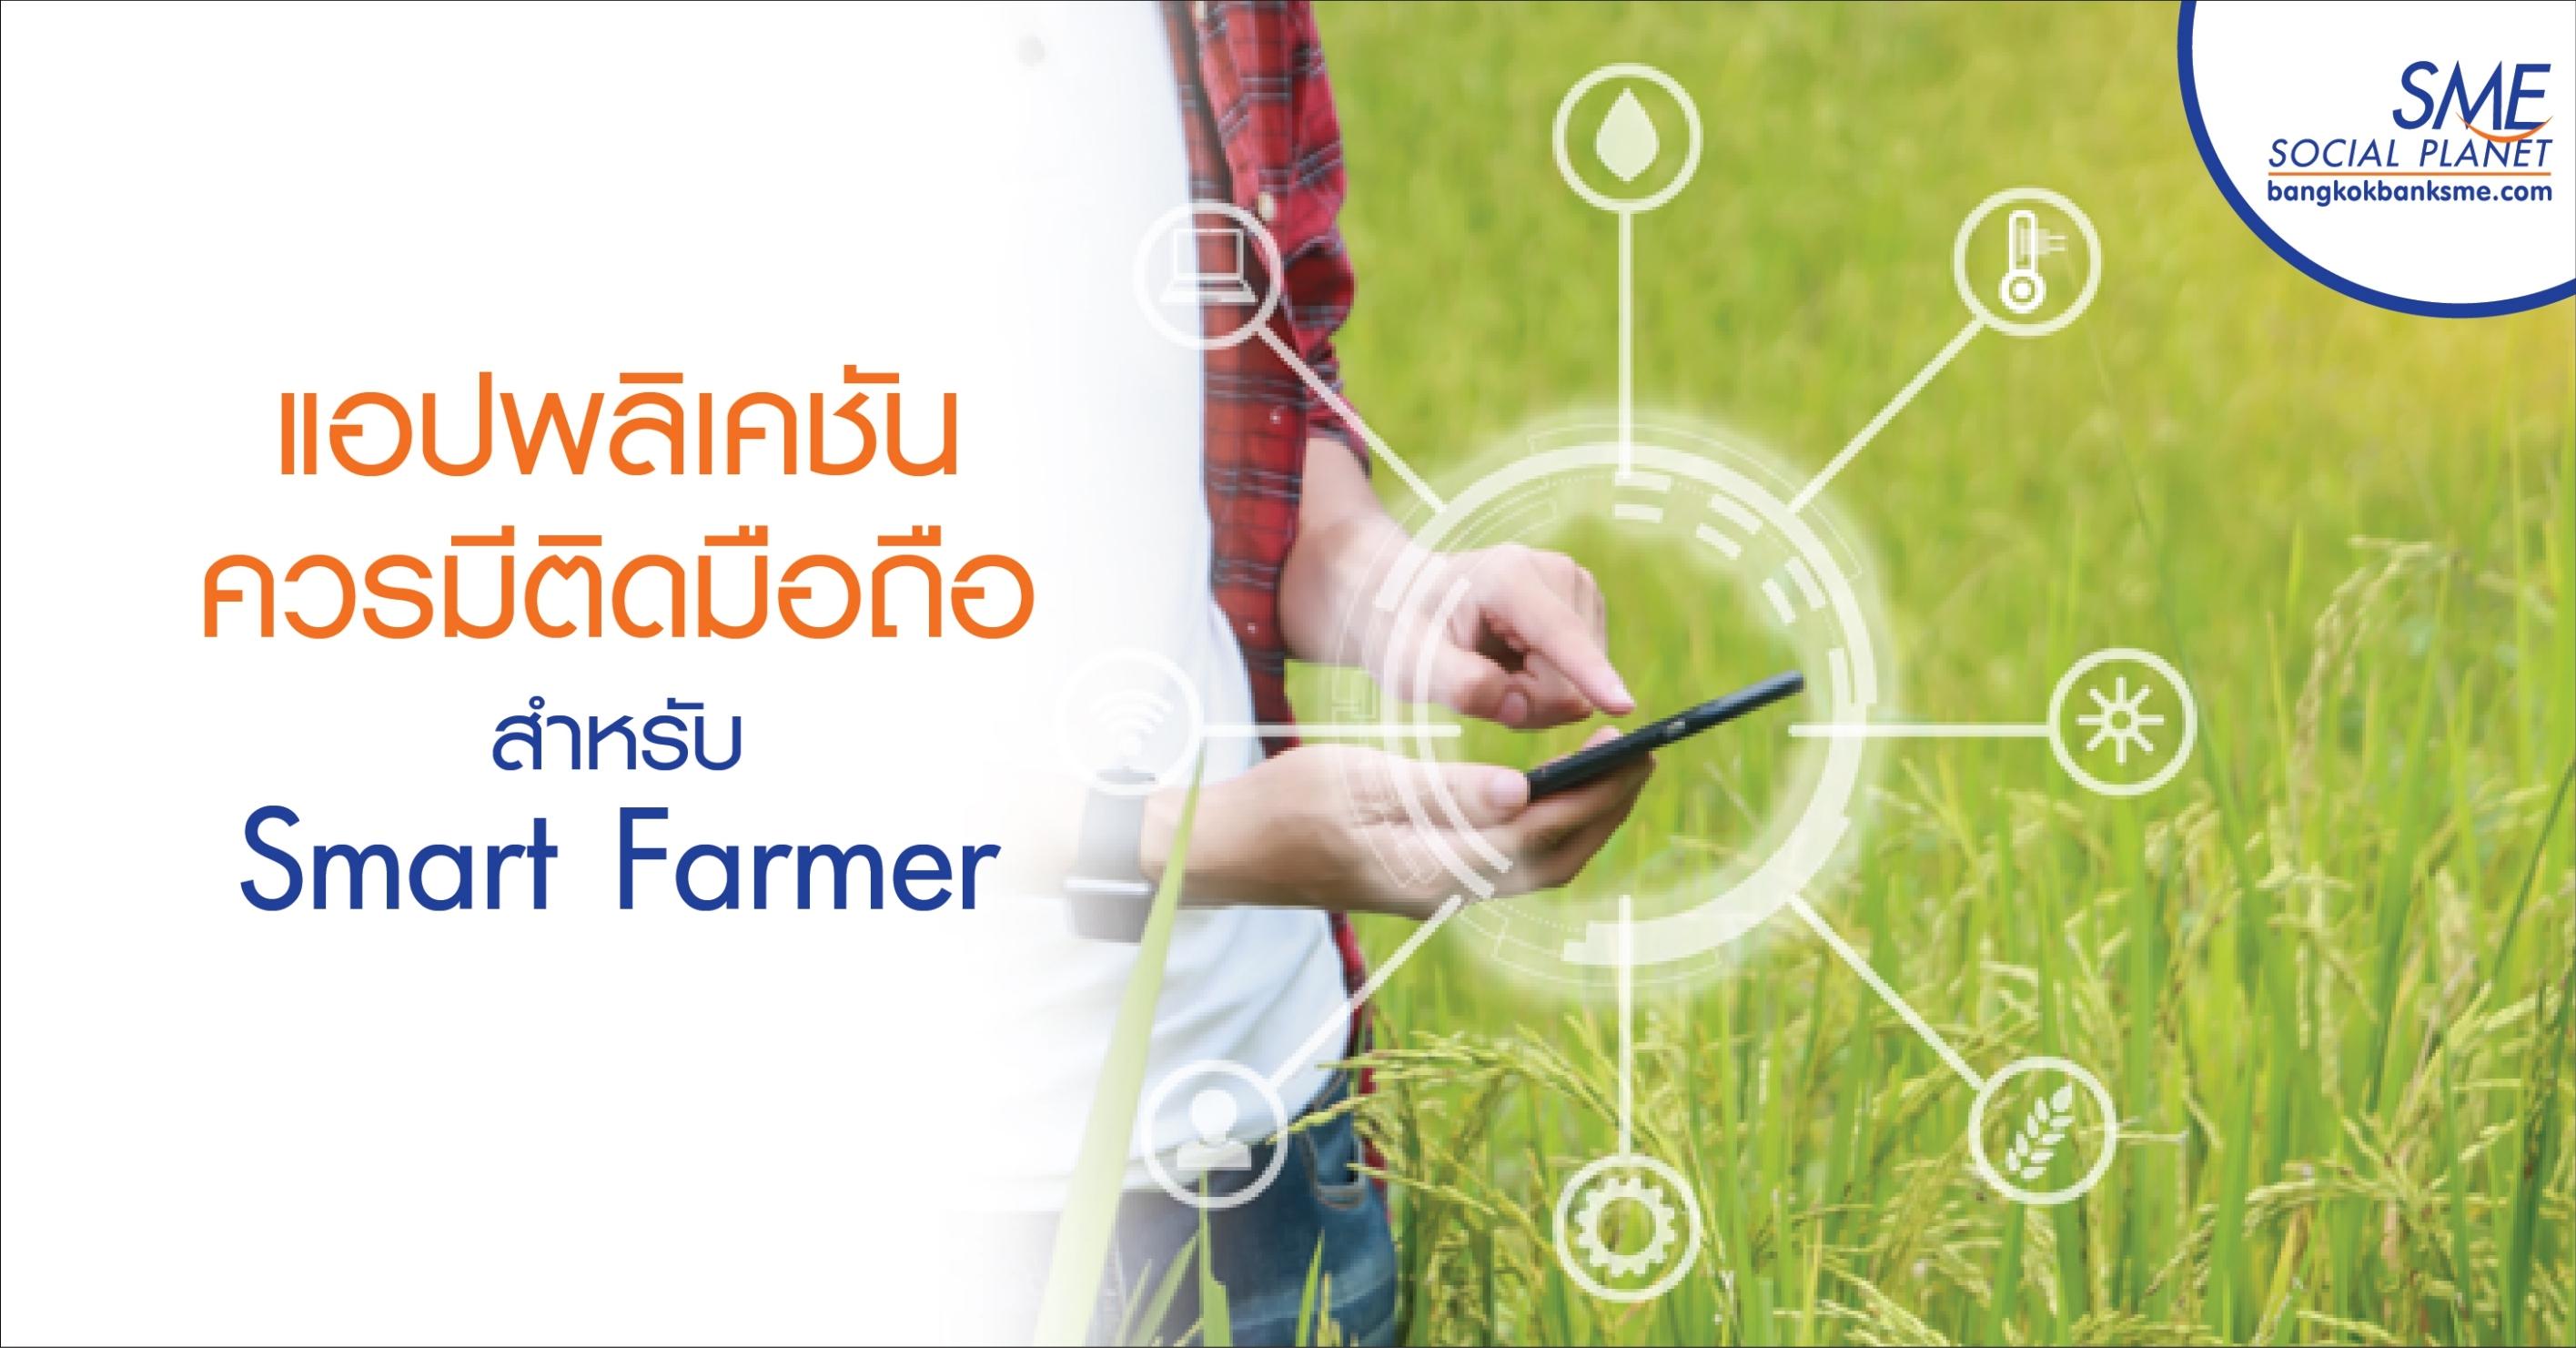 แอปพลิเคชันควรมีติดมือถือ สำหรับ Smart Farmer